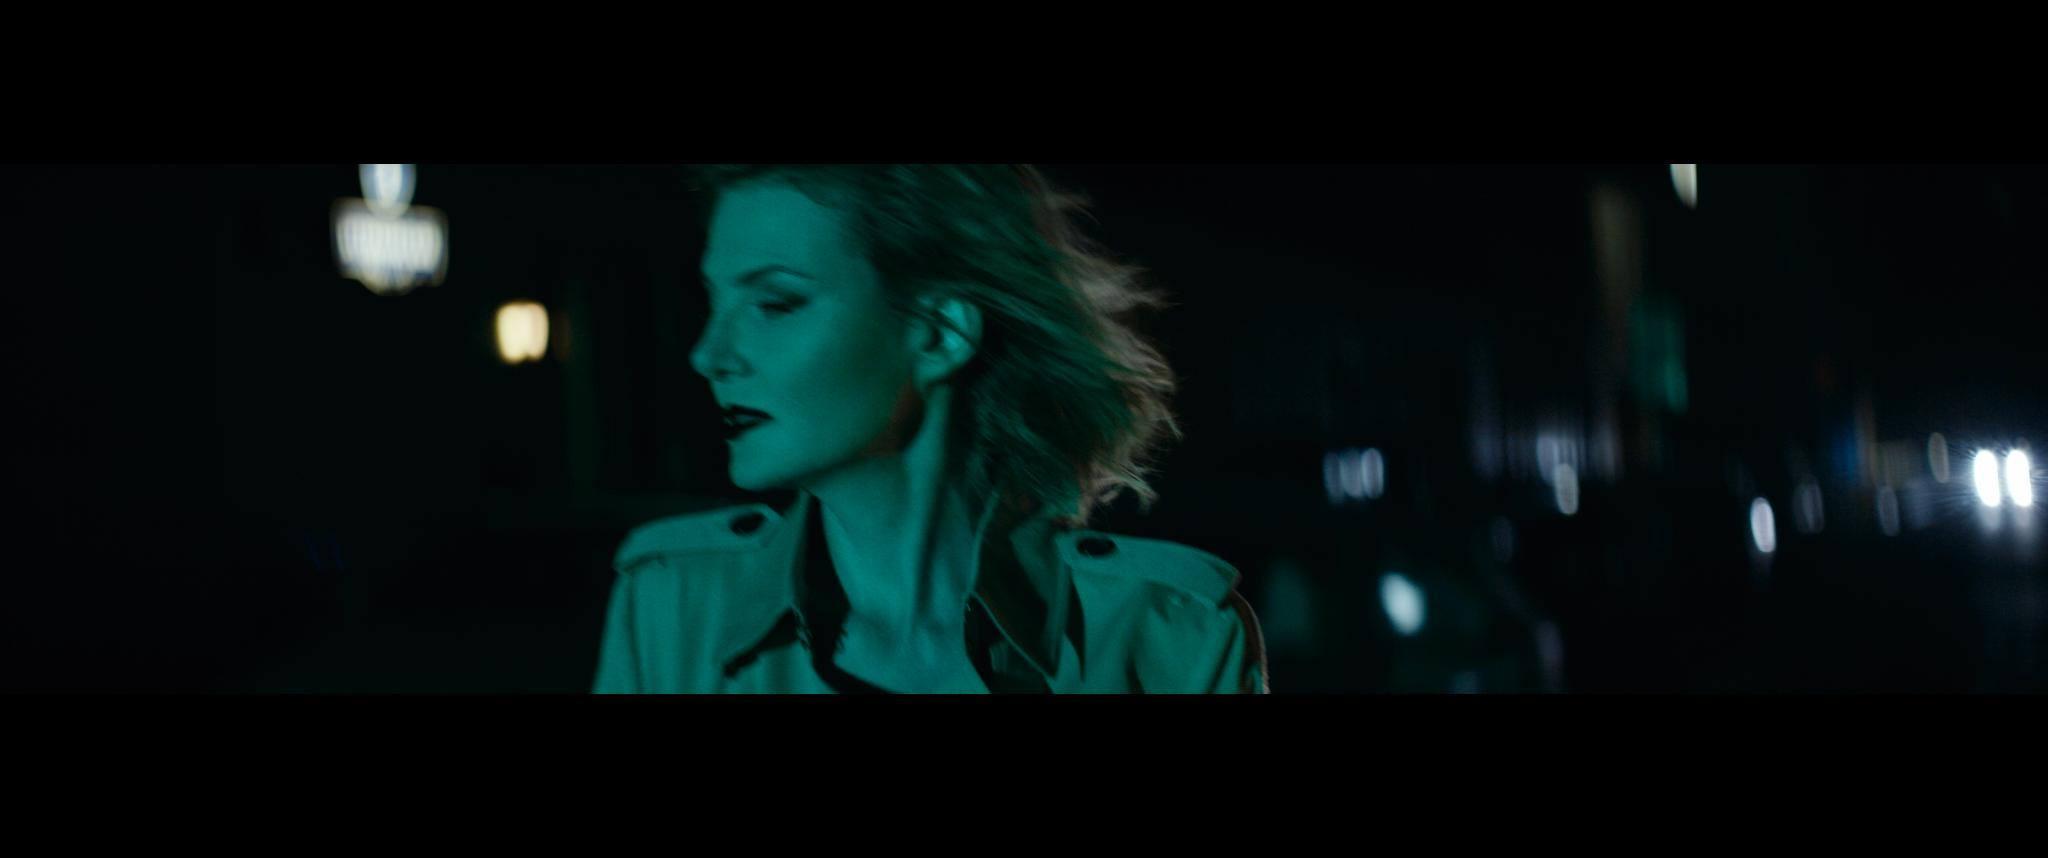 смотреть фильм про любовь 2015 с ренатой литвиновой